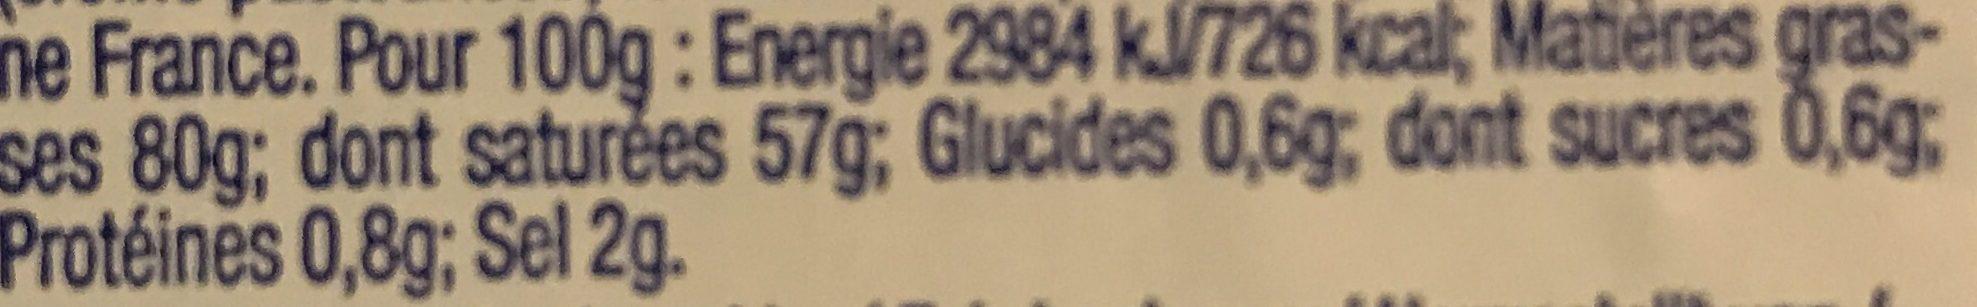 Slightly Salted Butter - Informations nutritionnelles - en